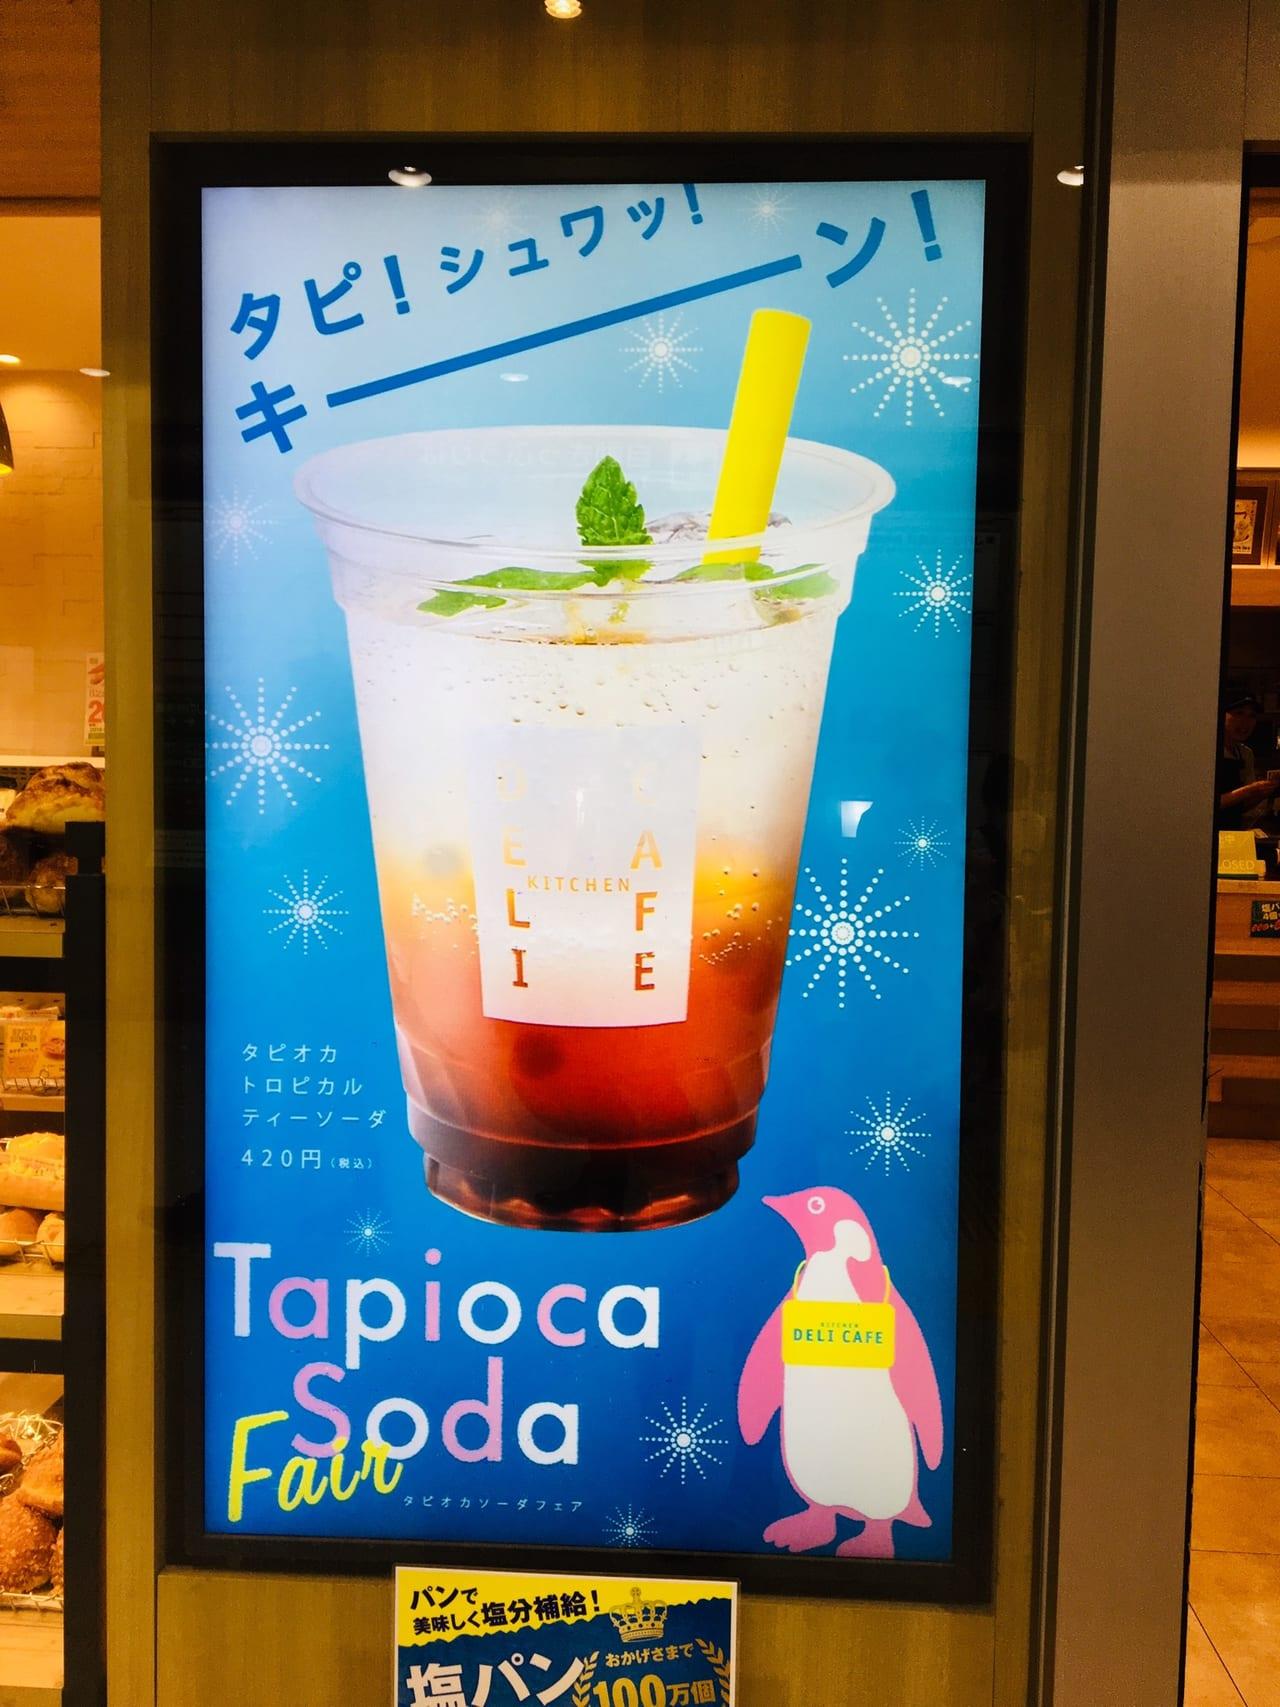 tapioca soda